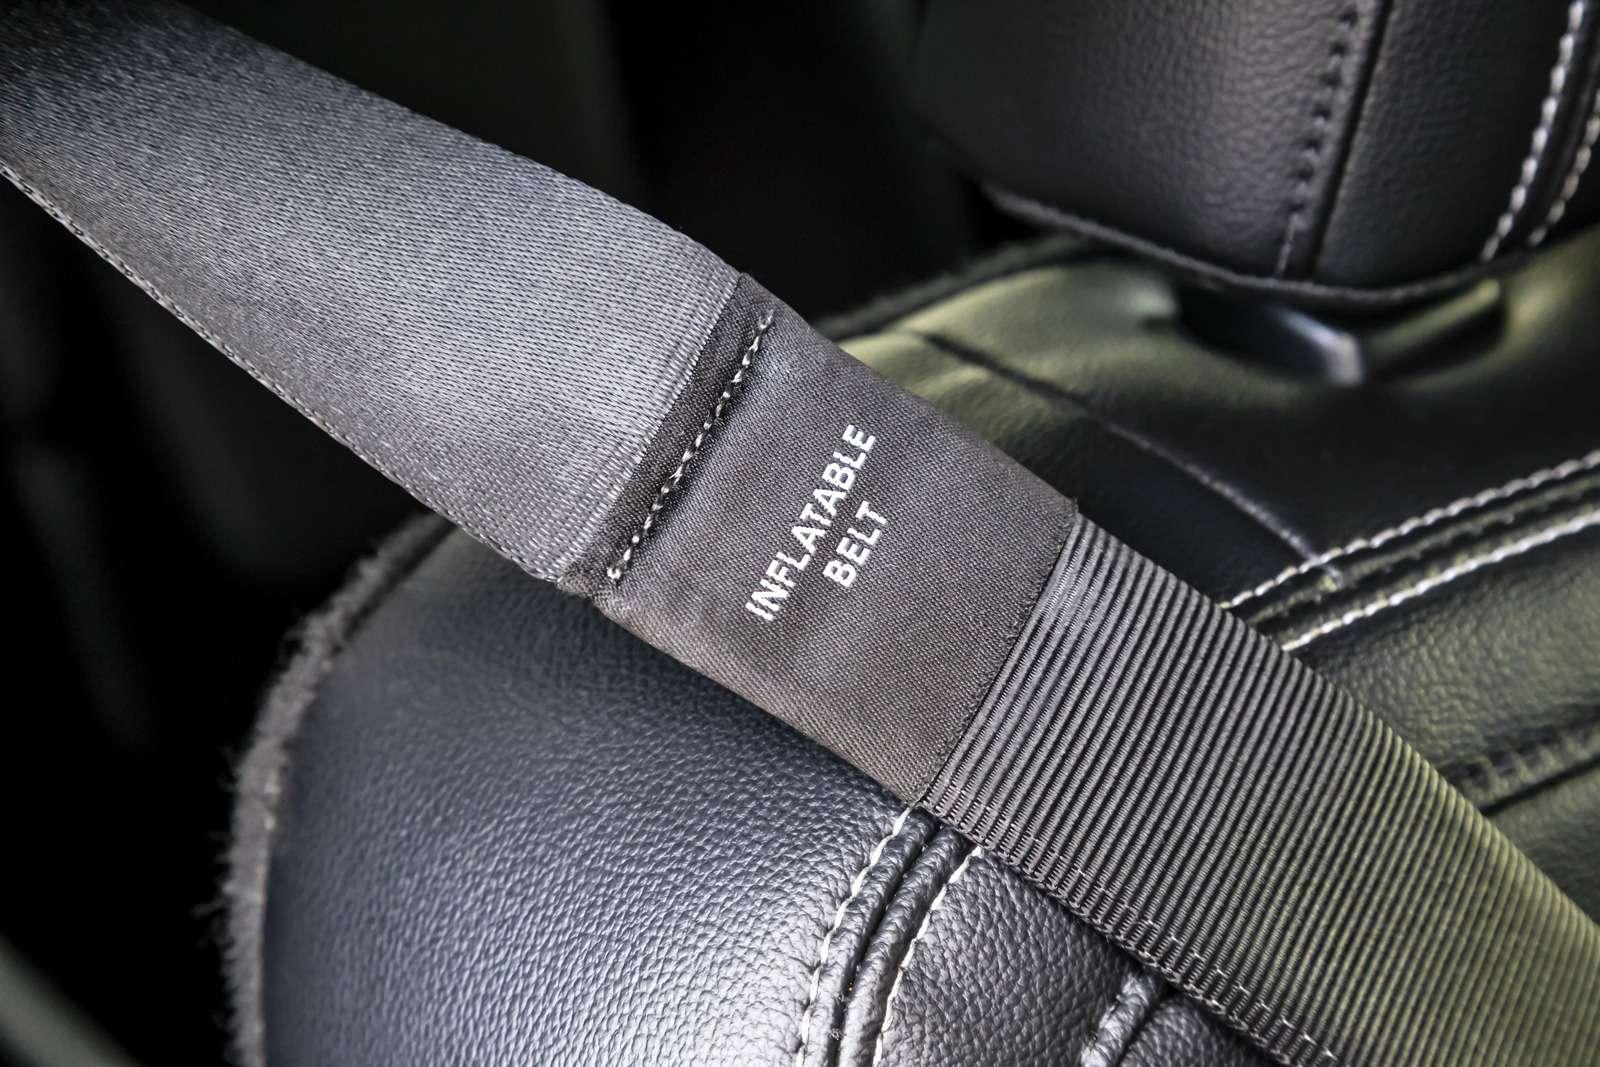 Тест полноразмерных кроссоверов: Honda Pilot, Kia Sorento Prime иFord Explorer— фото 614965